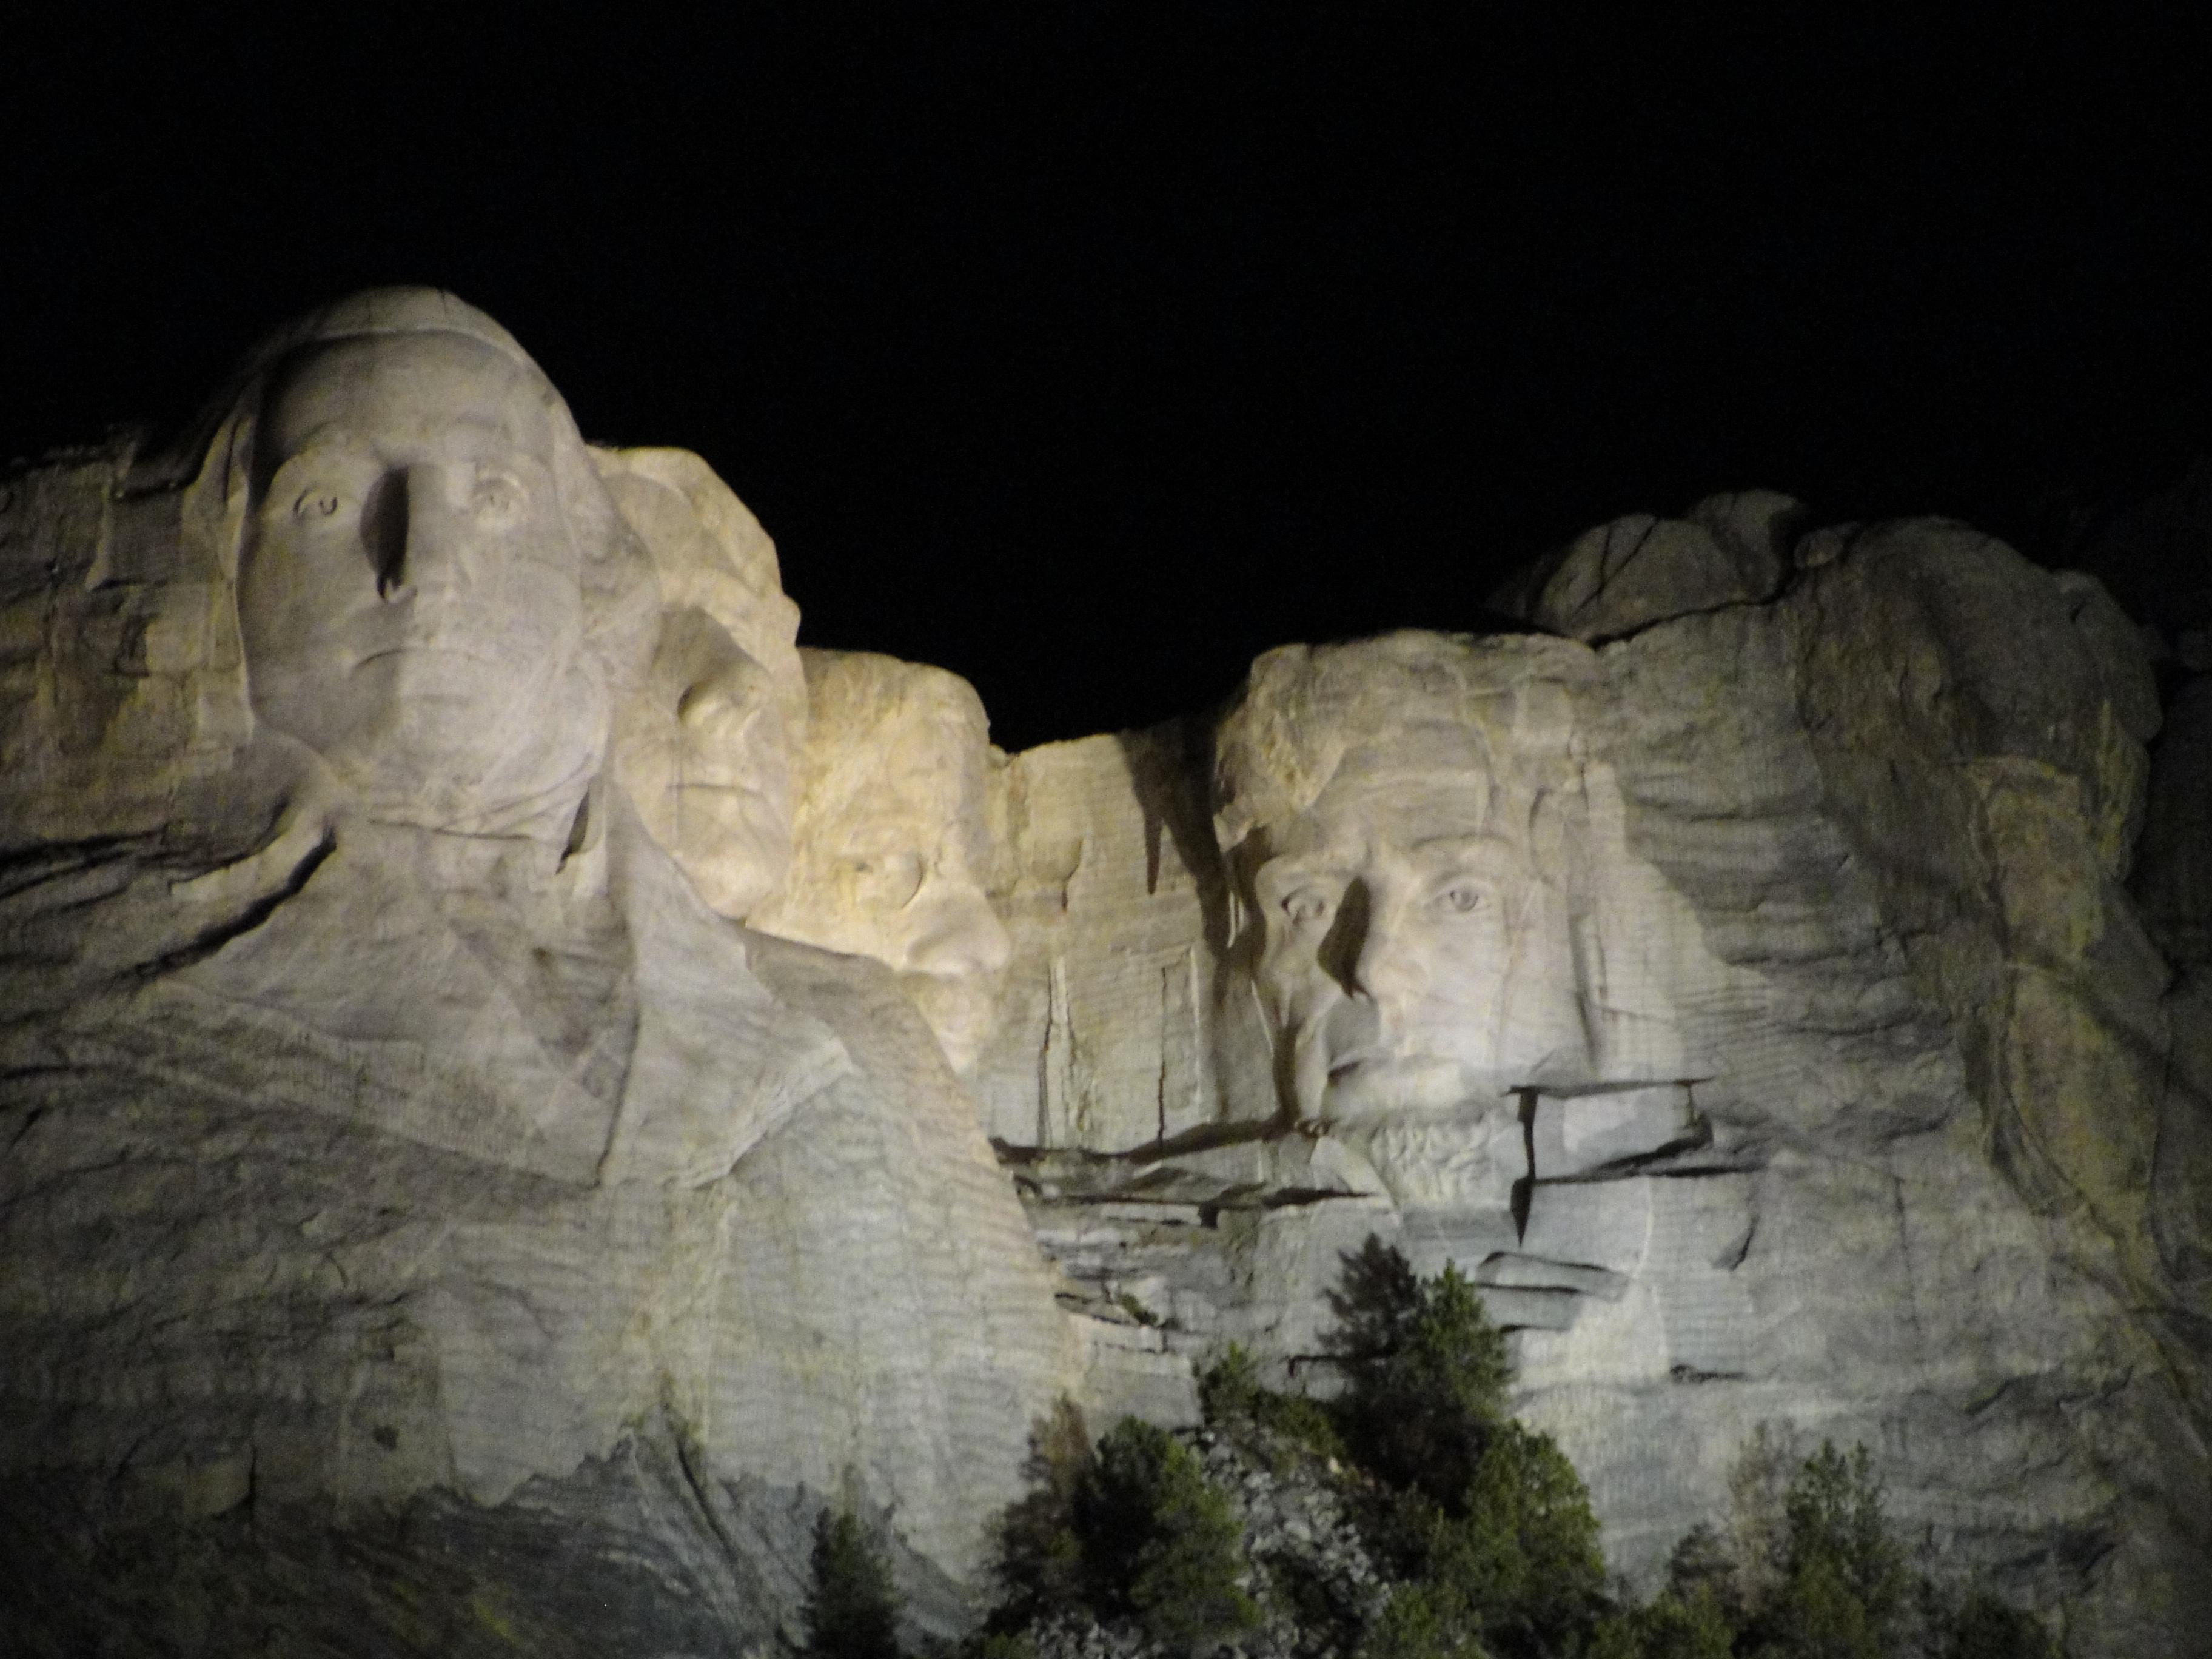 Mount Rusmore at night